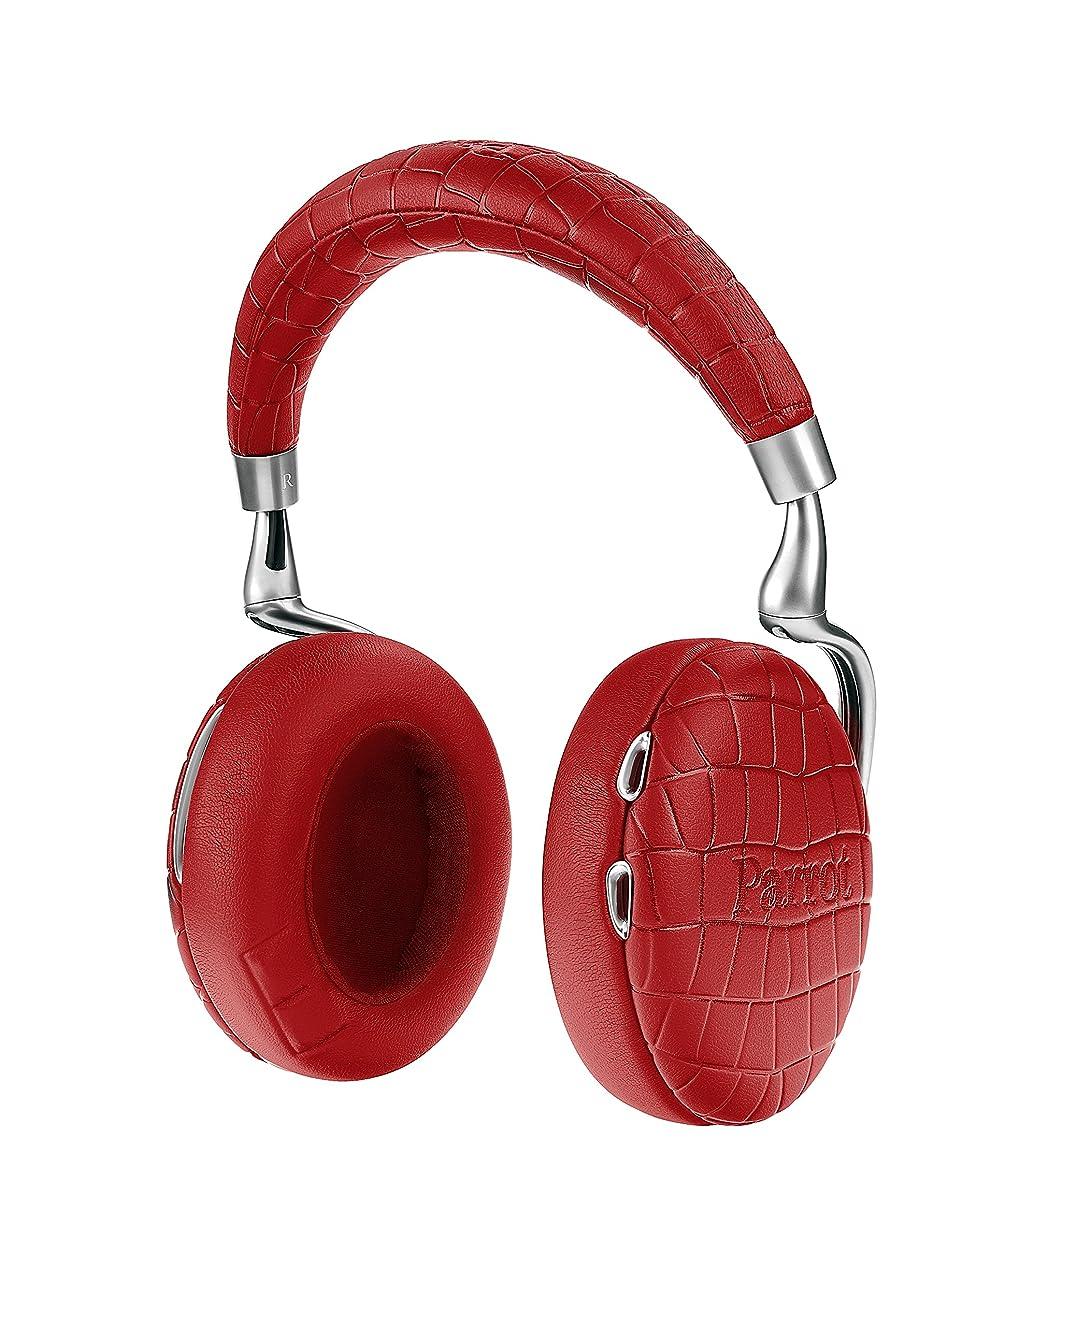 走る感動する勇気のあるParrot Zik 3 密閉型 ワイヤレスヘッドホン ノイズキャンセリング Bluetooth NFC Qiワイヤレス充電 Apple Watch対応 Red Crocodile PF562035 【国内正規品】